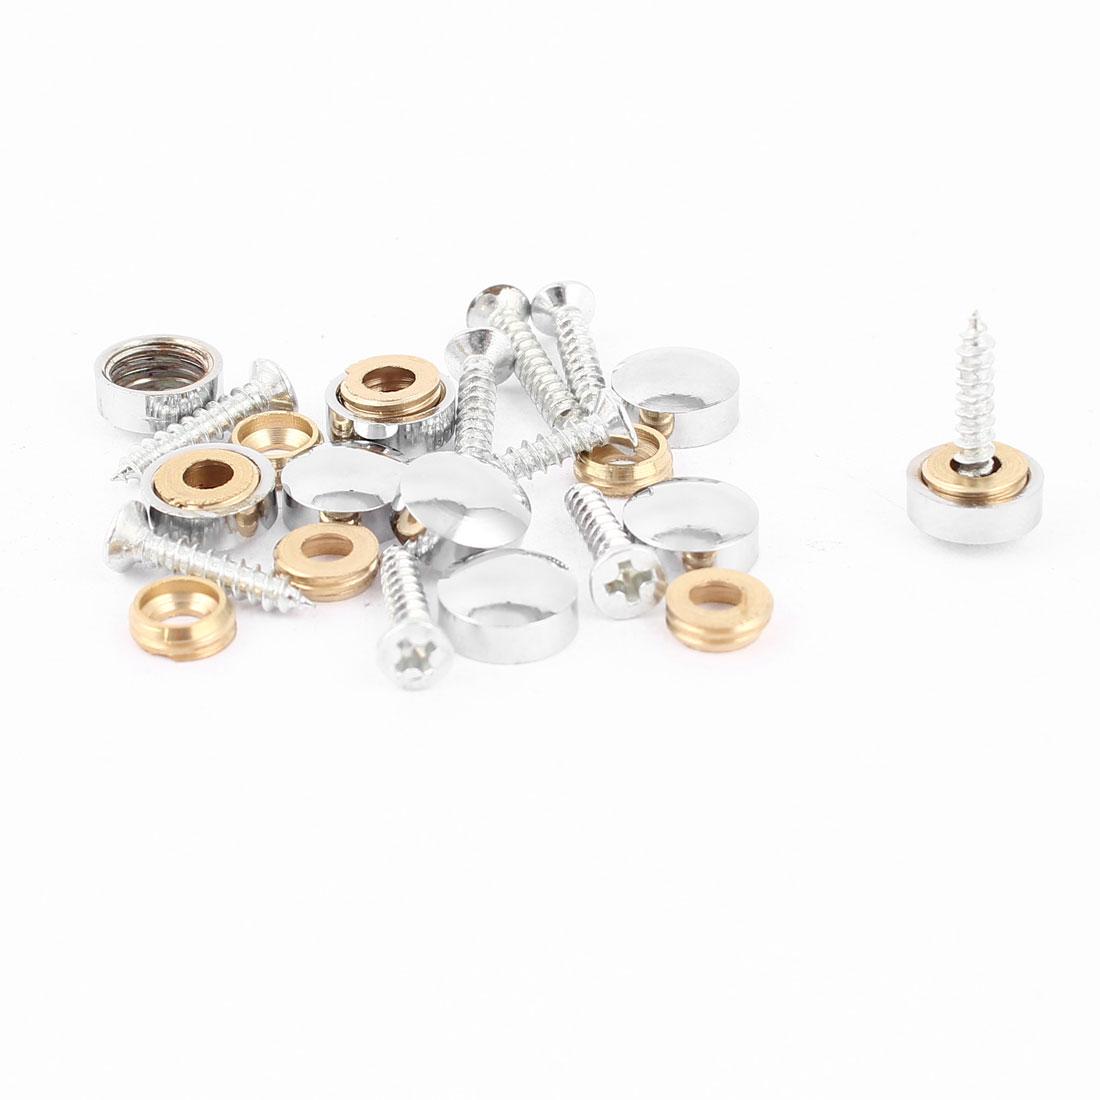 9 Pcs Fitting Parts Metal 10mm Diameter Screw Cap Mirror Nails Decoration Lid